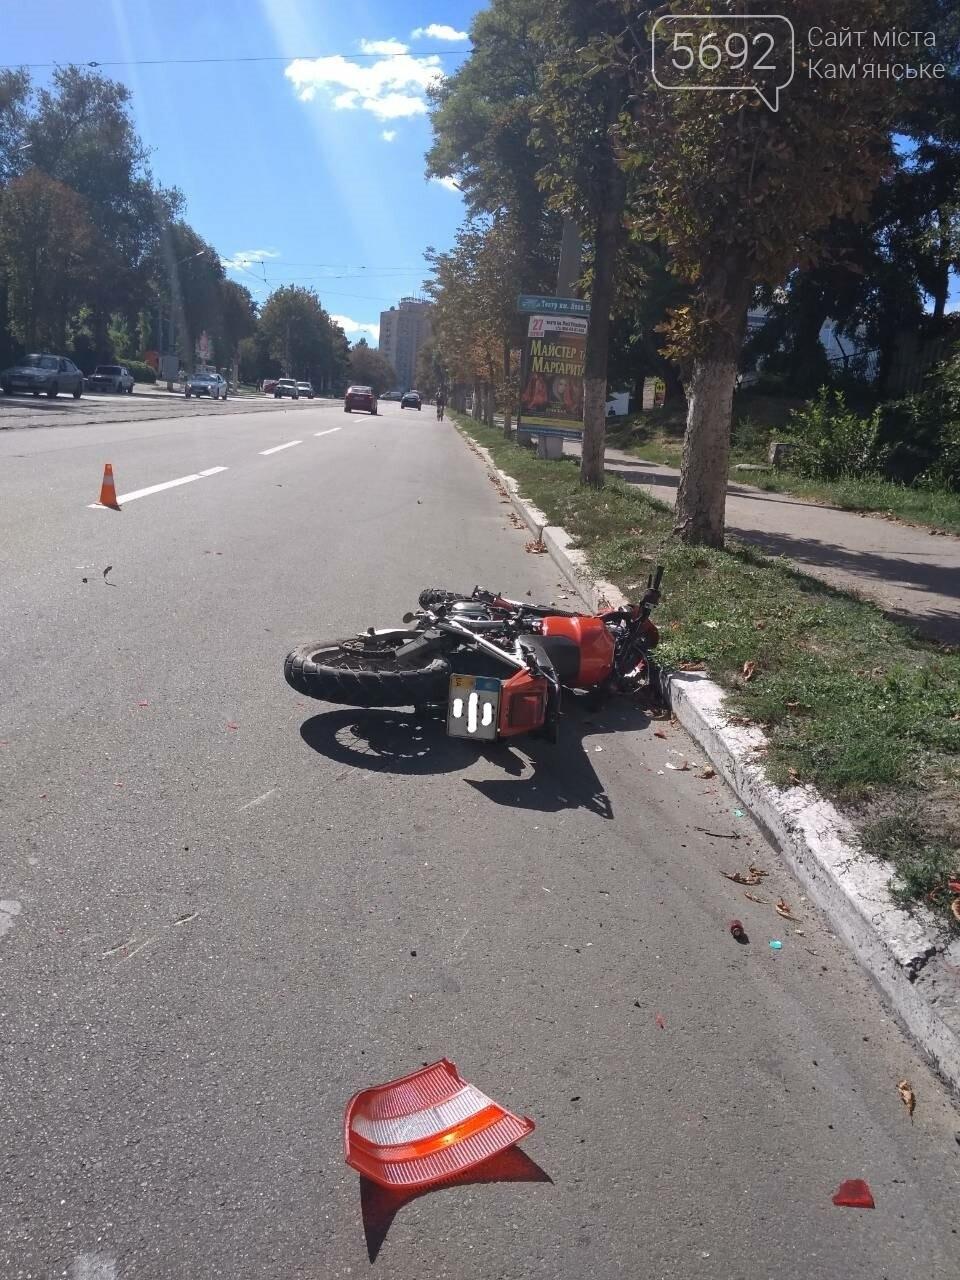 Не пропустил: в Каменском мотоциклист врезался в Opel с польскими номерами, фото-8